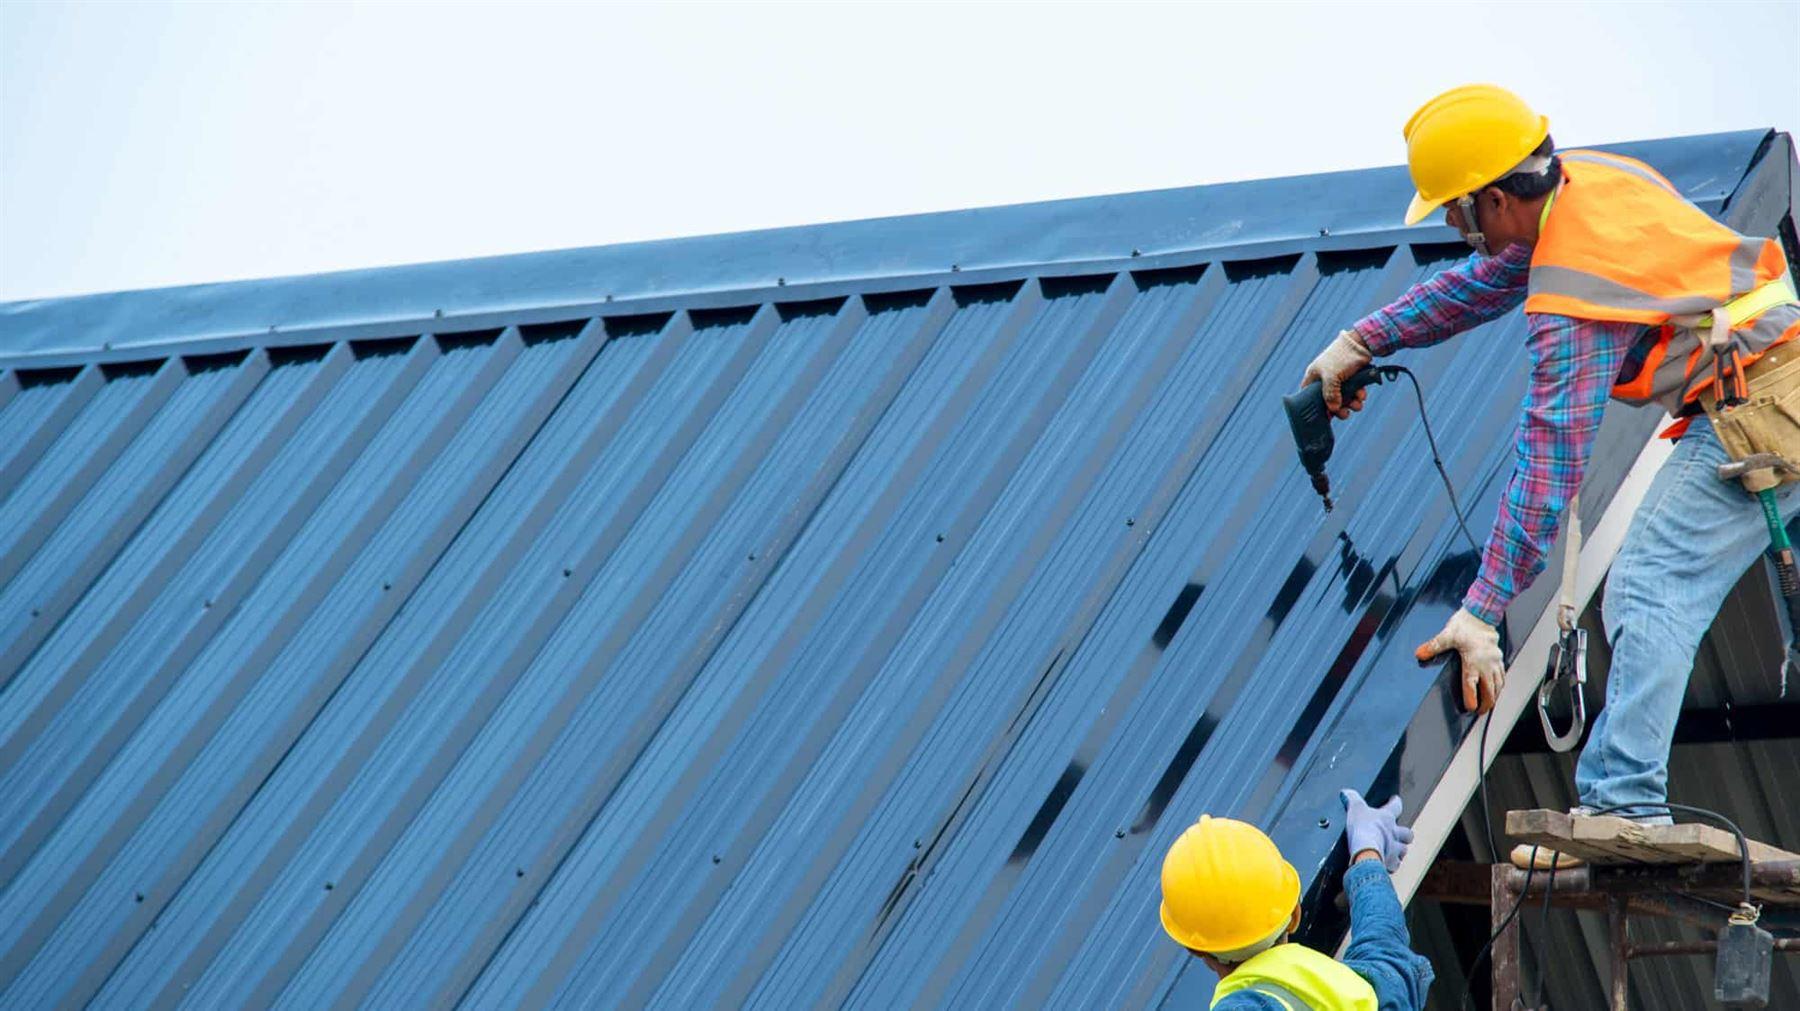 Formula Roofing and Remodeling of Denver